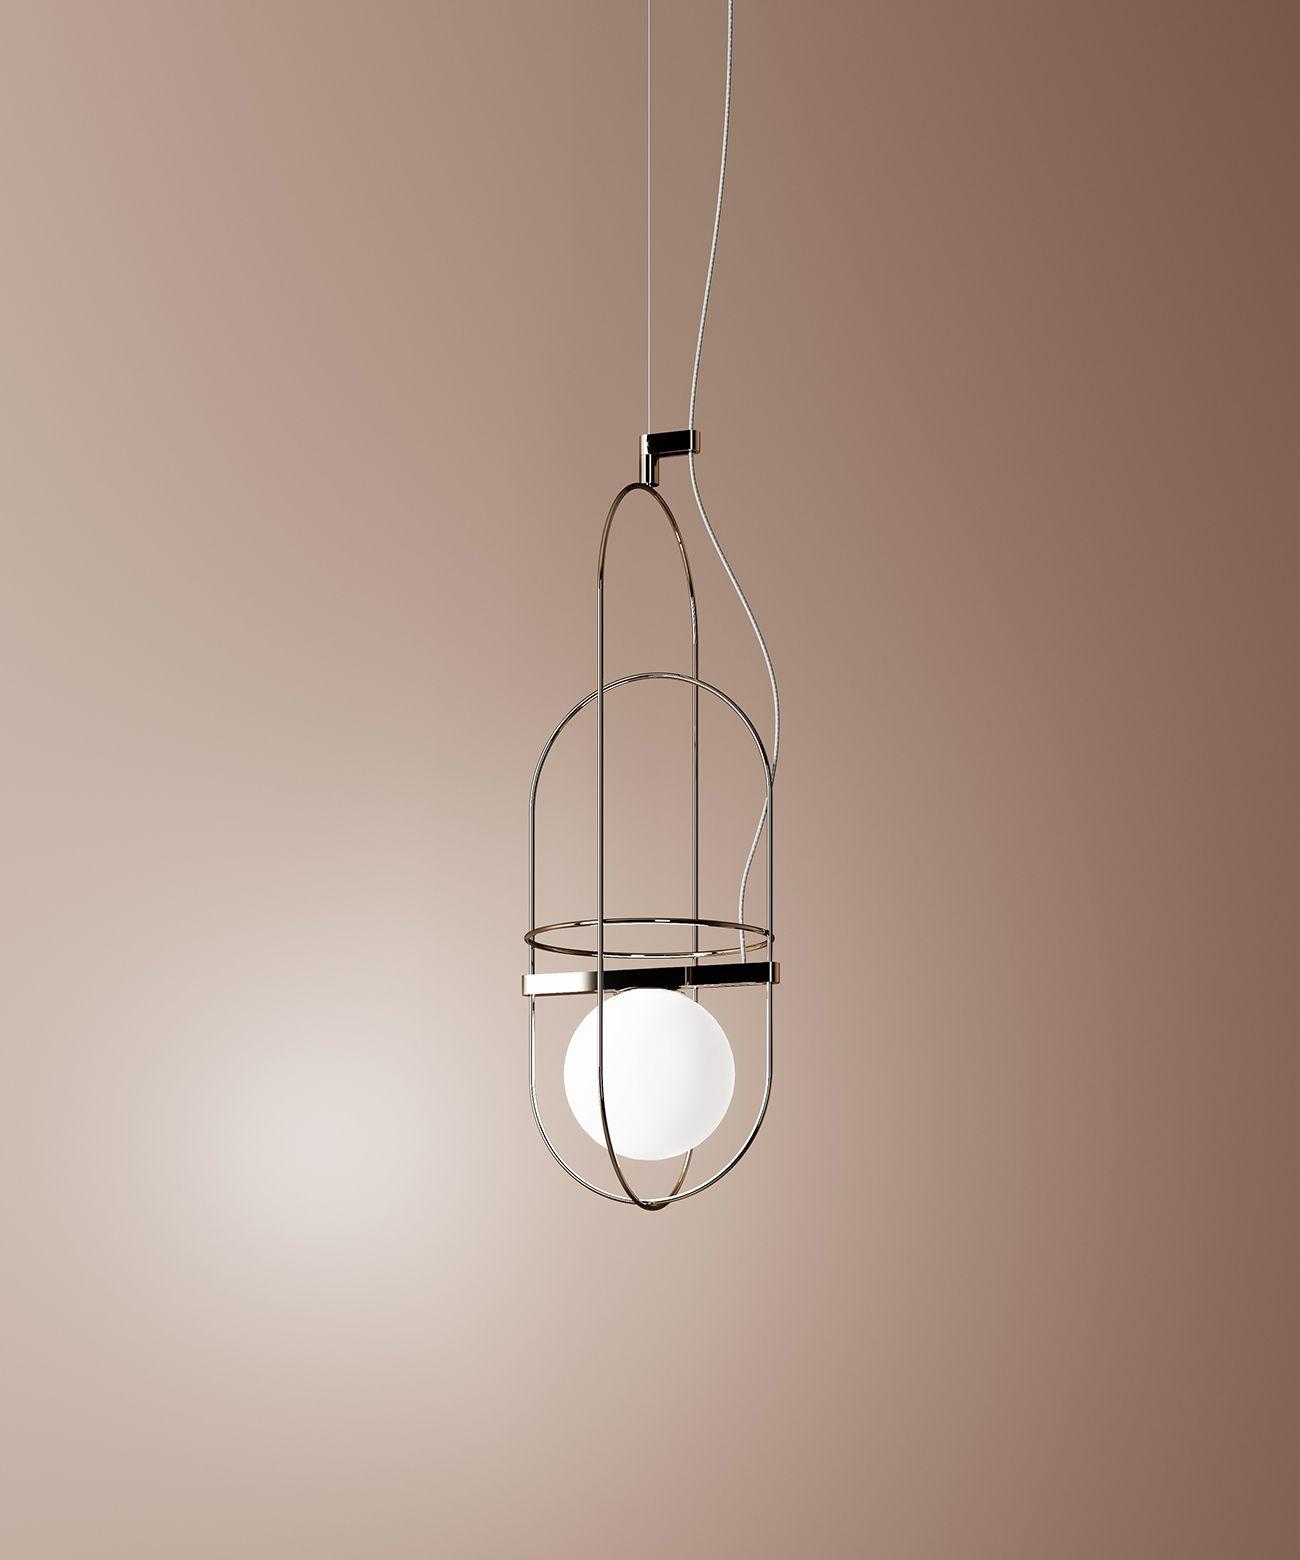 FontanaArte_Setareh_FrancescoLibrizzi_suspension lamp 05